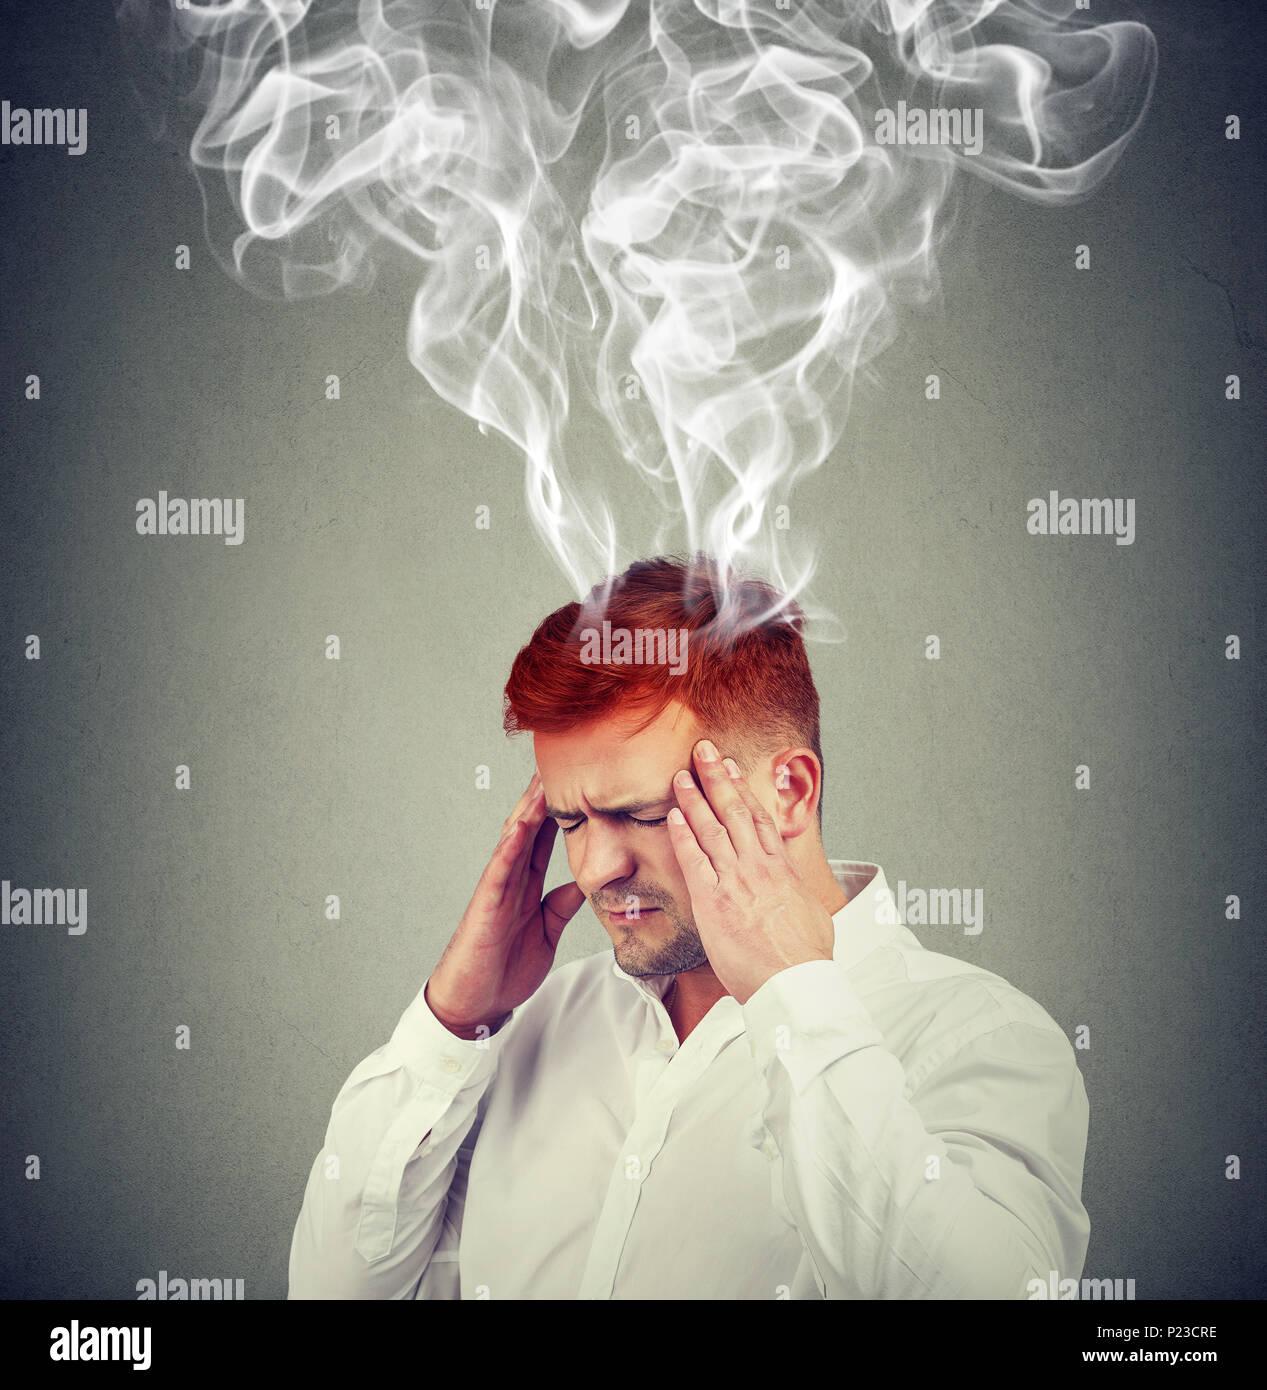 Captura conceptual del hombre sujetando las manos en templos y viendo frustrados con humo saliendo de la cabeza. Imagen De Stock